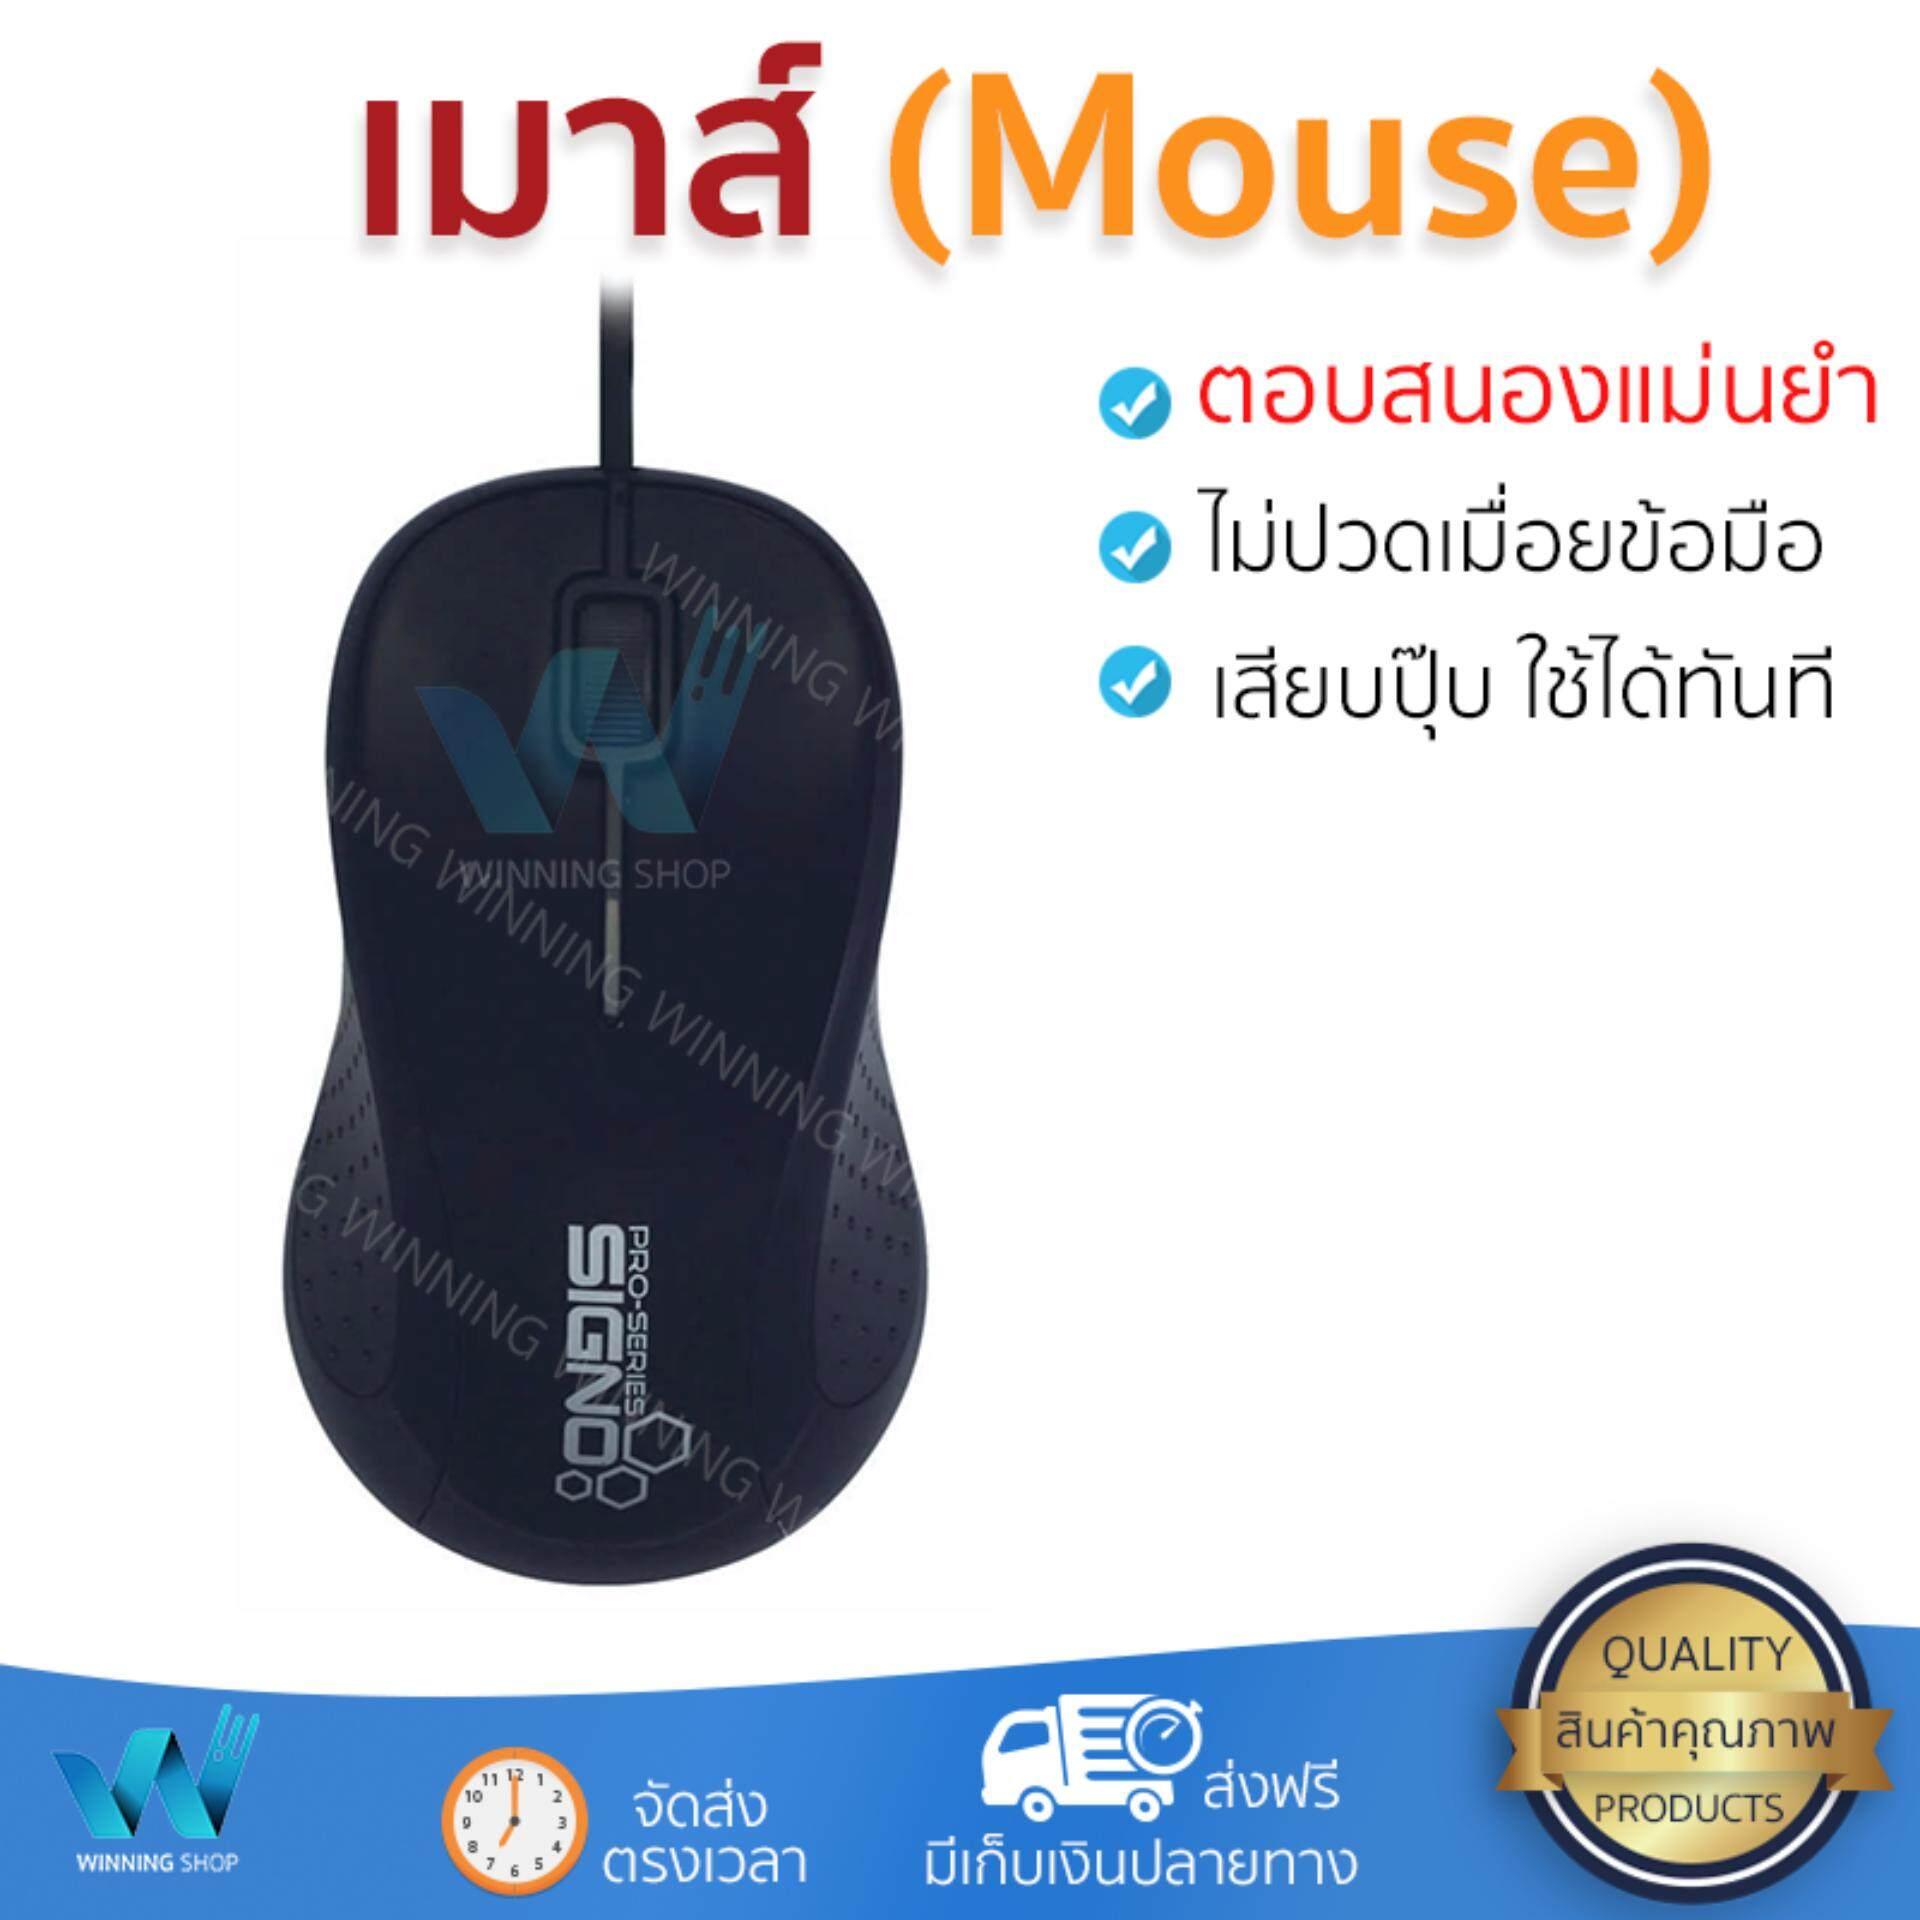 เก็บเงินปลายทางได้ รุ่นใหม่ล่าสุด เมาส์           SIGNO เมาส์ (สีดำ) รุ่น MO-240BLK             เซนเซอร์คุณภาพสูง ทำงานได้ลื่นไหล ไม่มีสะดุด Computer Mouse  รับประกันสินค้า 1 ปี จัดส่งฟรี Kerry ทั่วปร